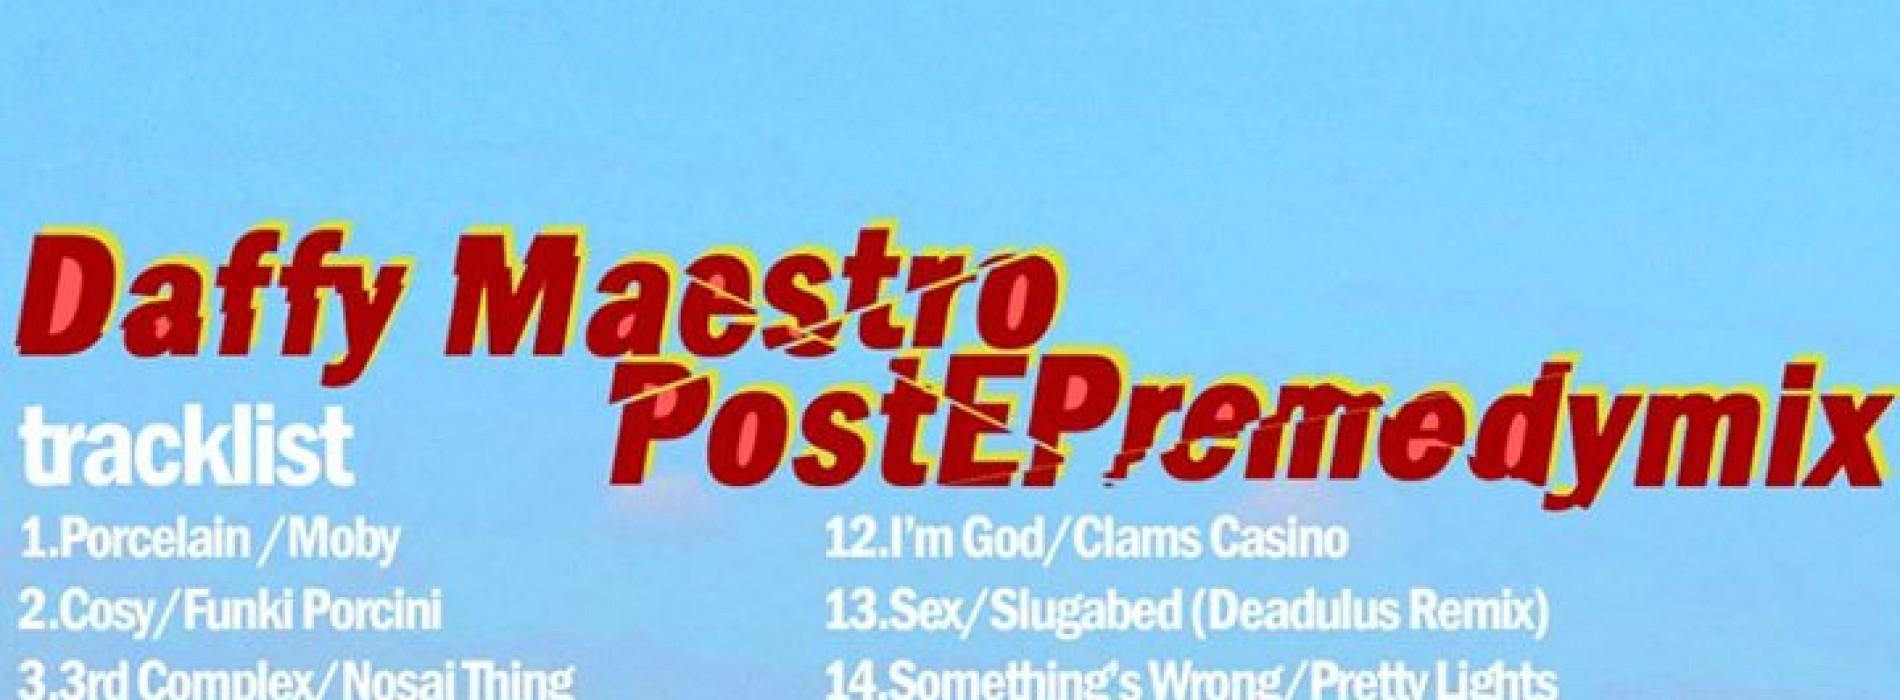 Daffy Maestro: The PostEpremedymix